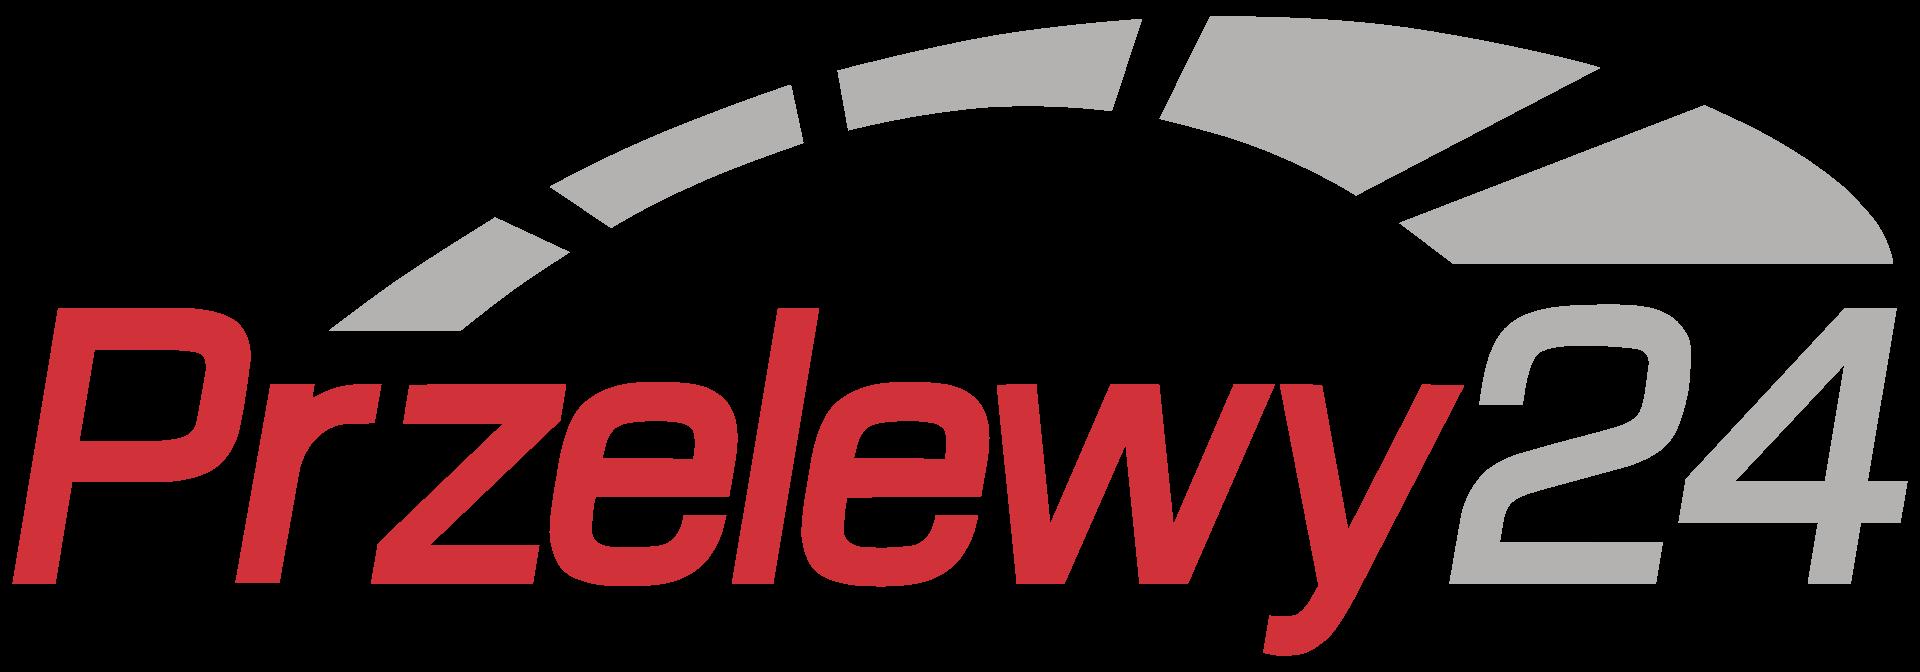 Przelewy24 Technographics